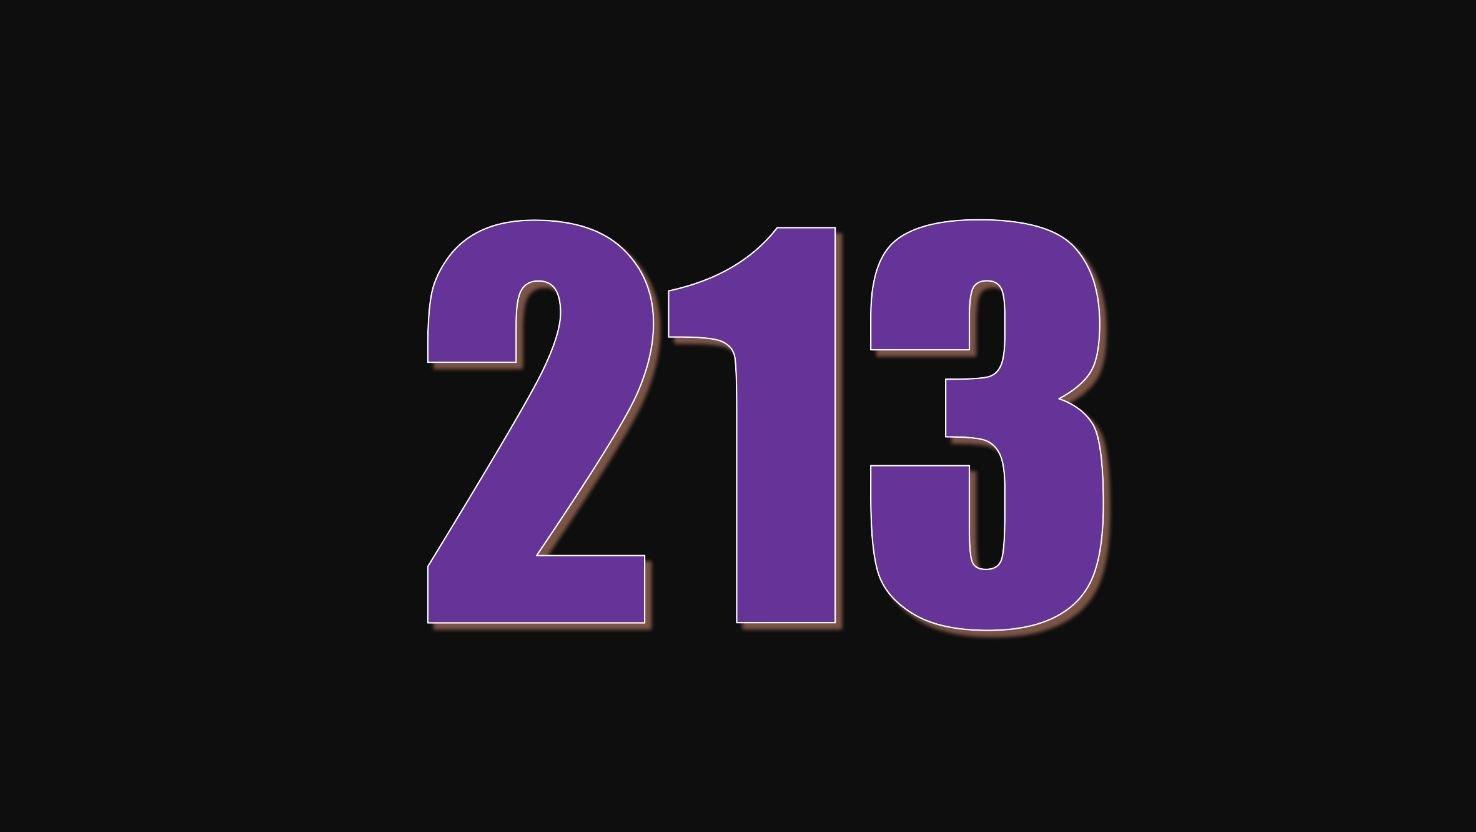 Il significato del numero 213